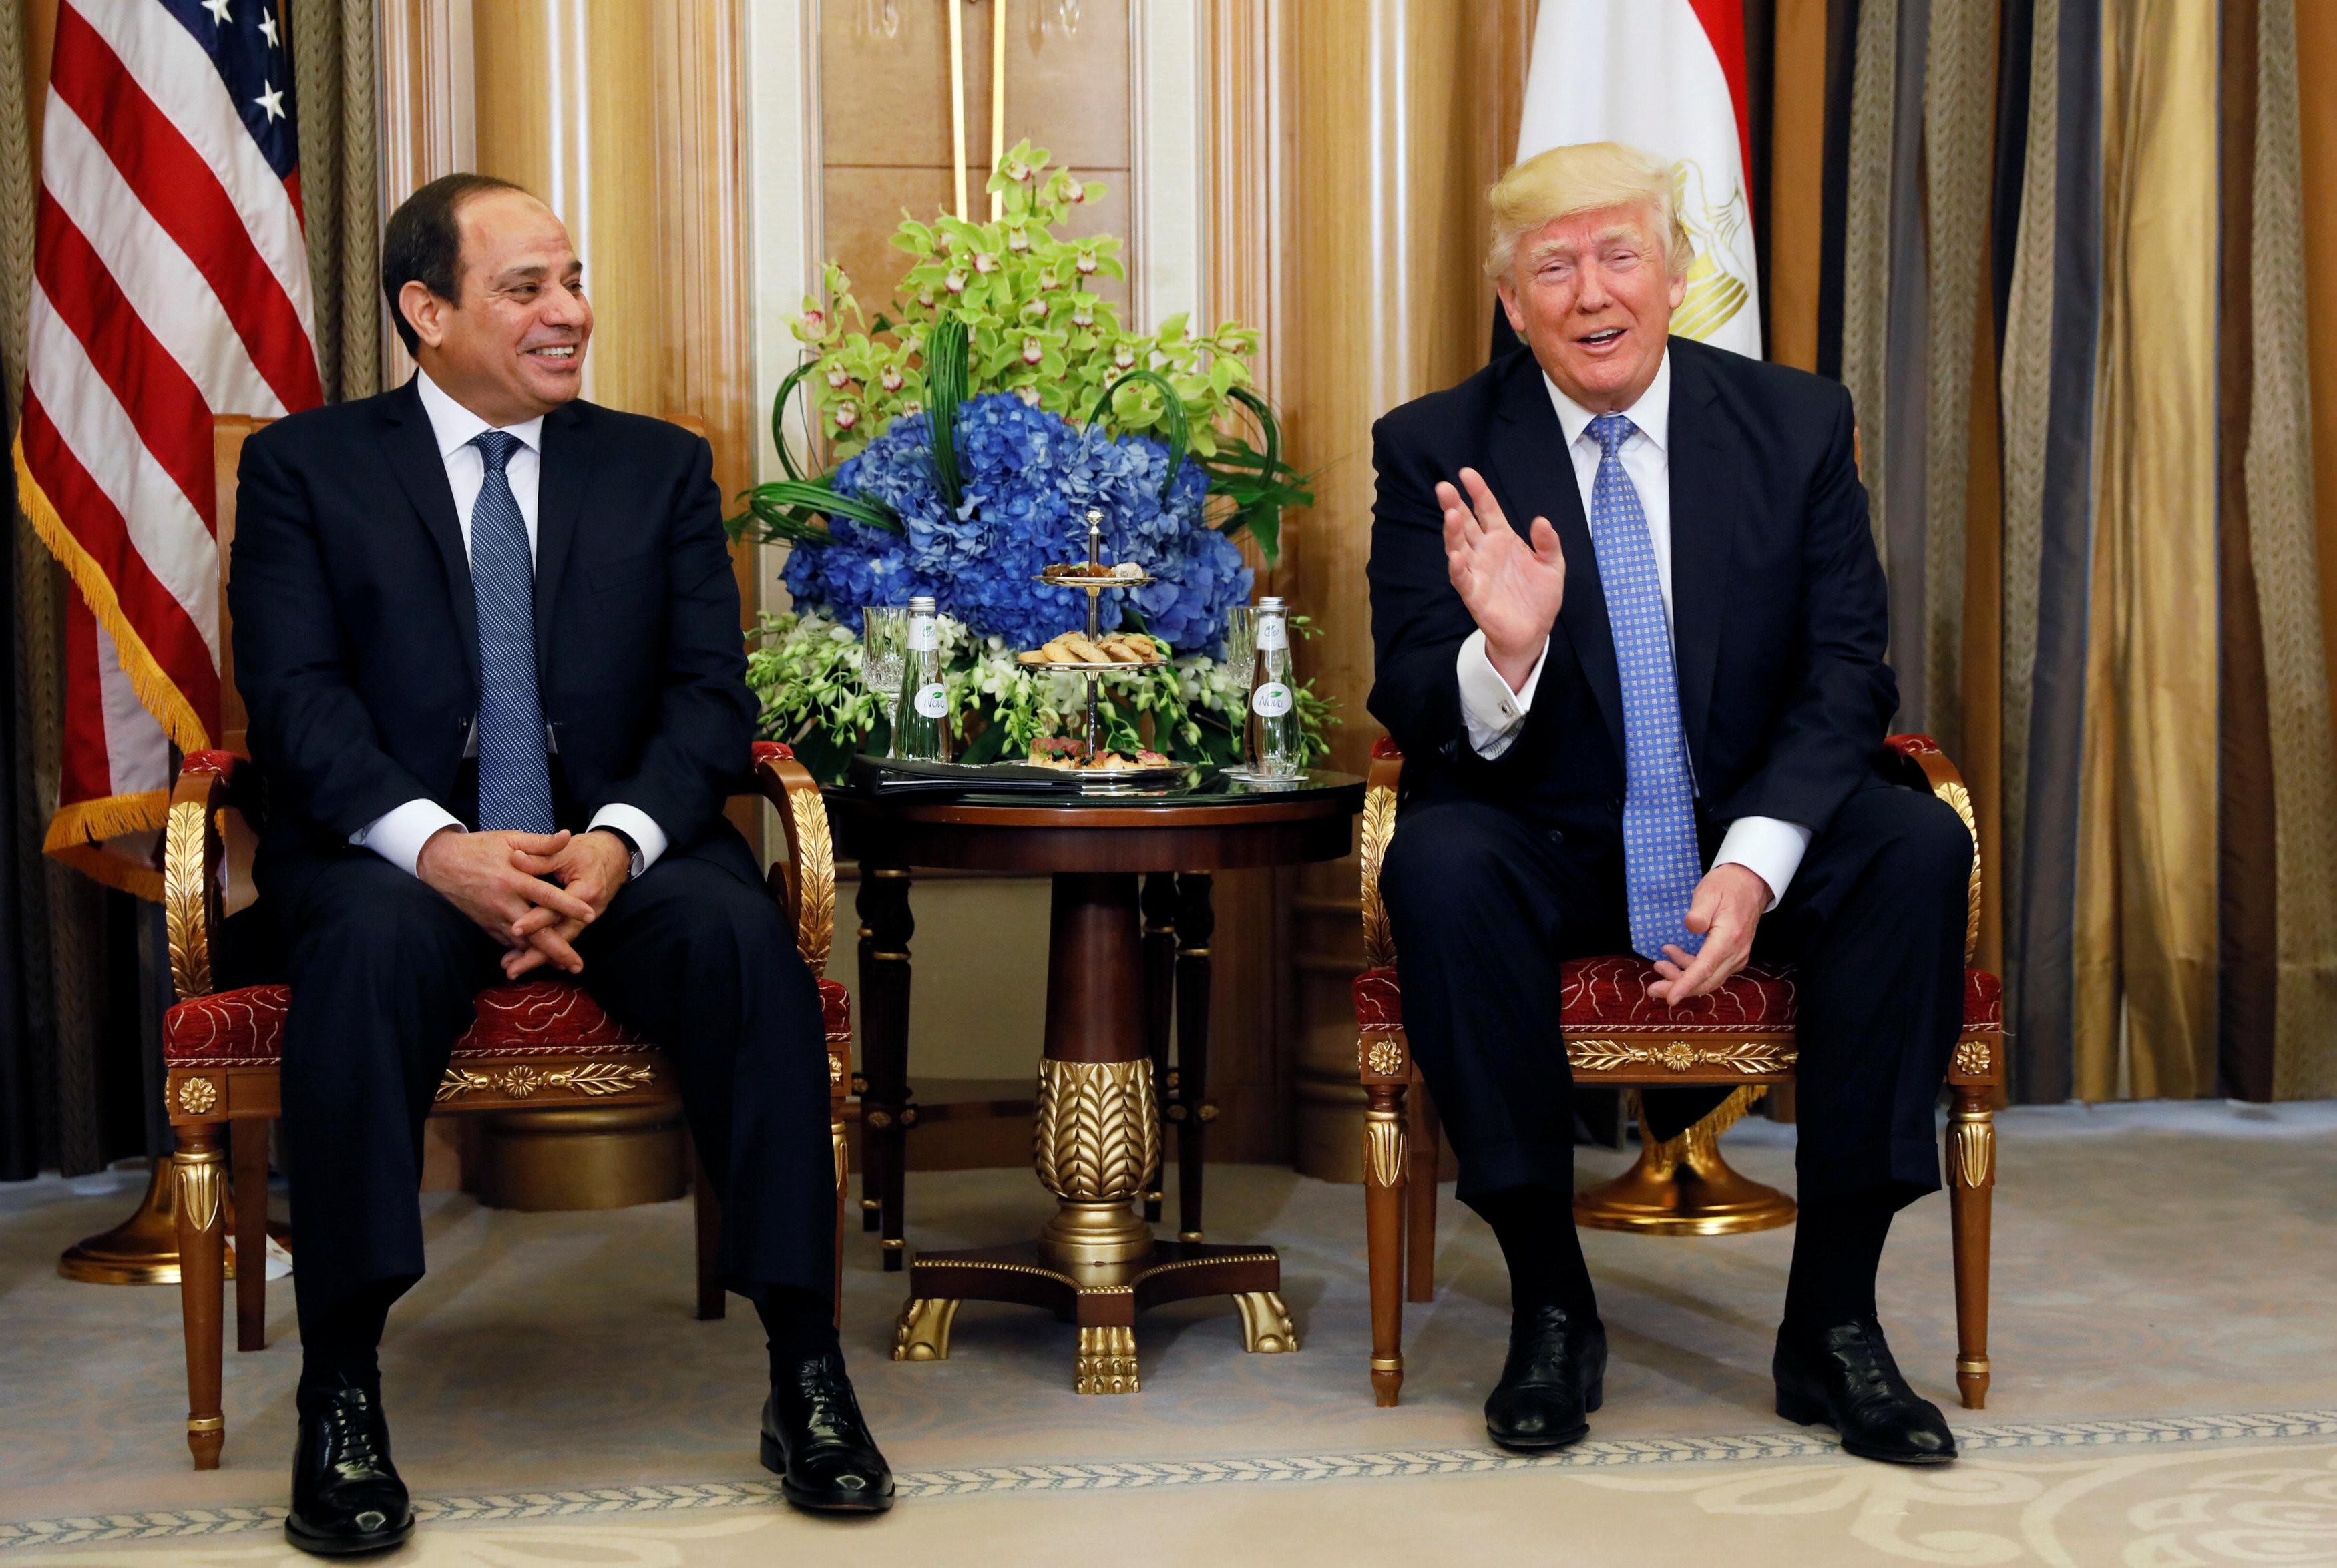 <p>Президент США Дональд Трамп и президент Египта&nbsp;<span>Абдул-Фаттах Халил Ас-Сиси на встрече в Саудовской Аравии. Фото: &copy;Reuters&nbsp;</span></p>